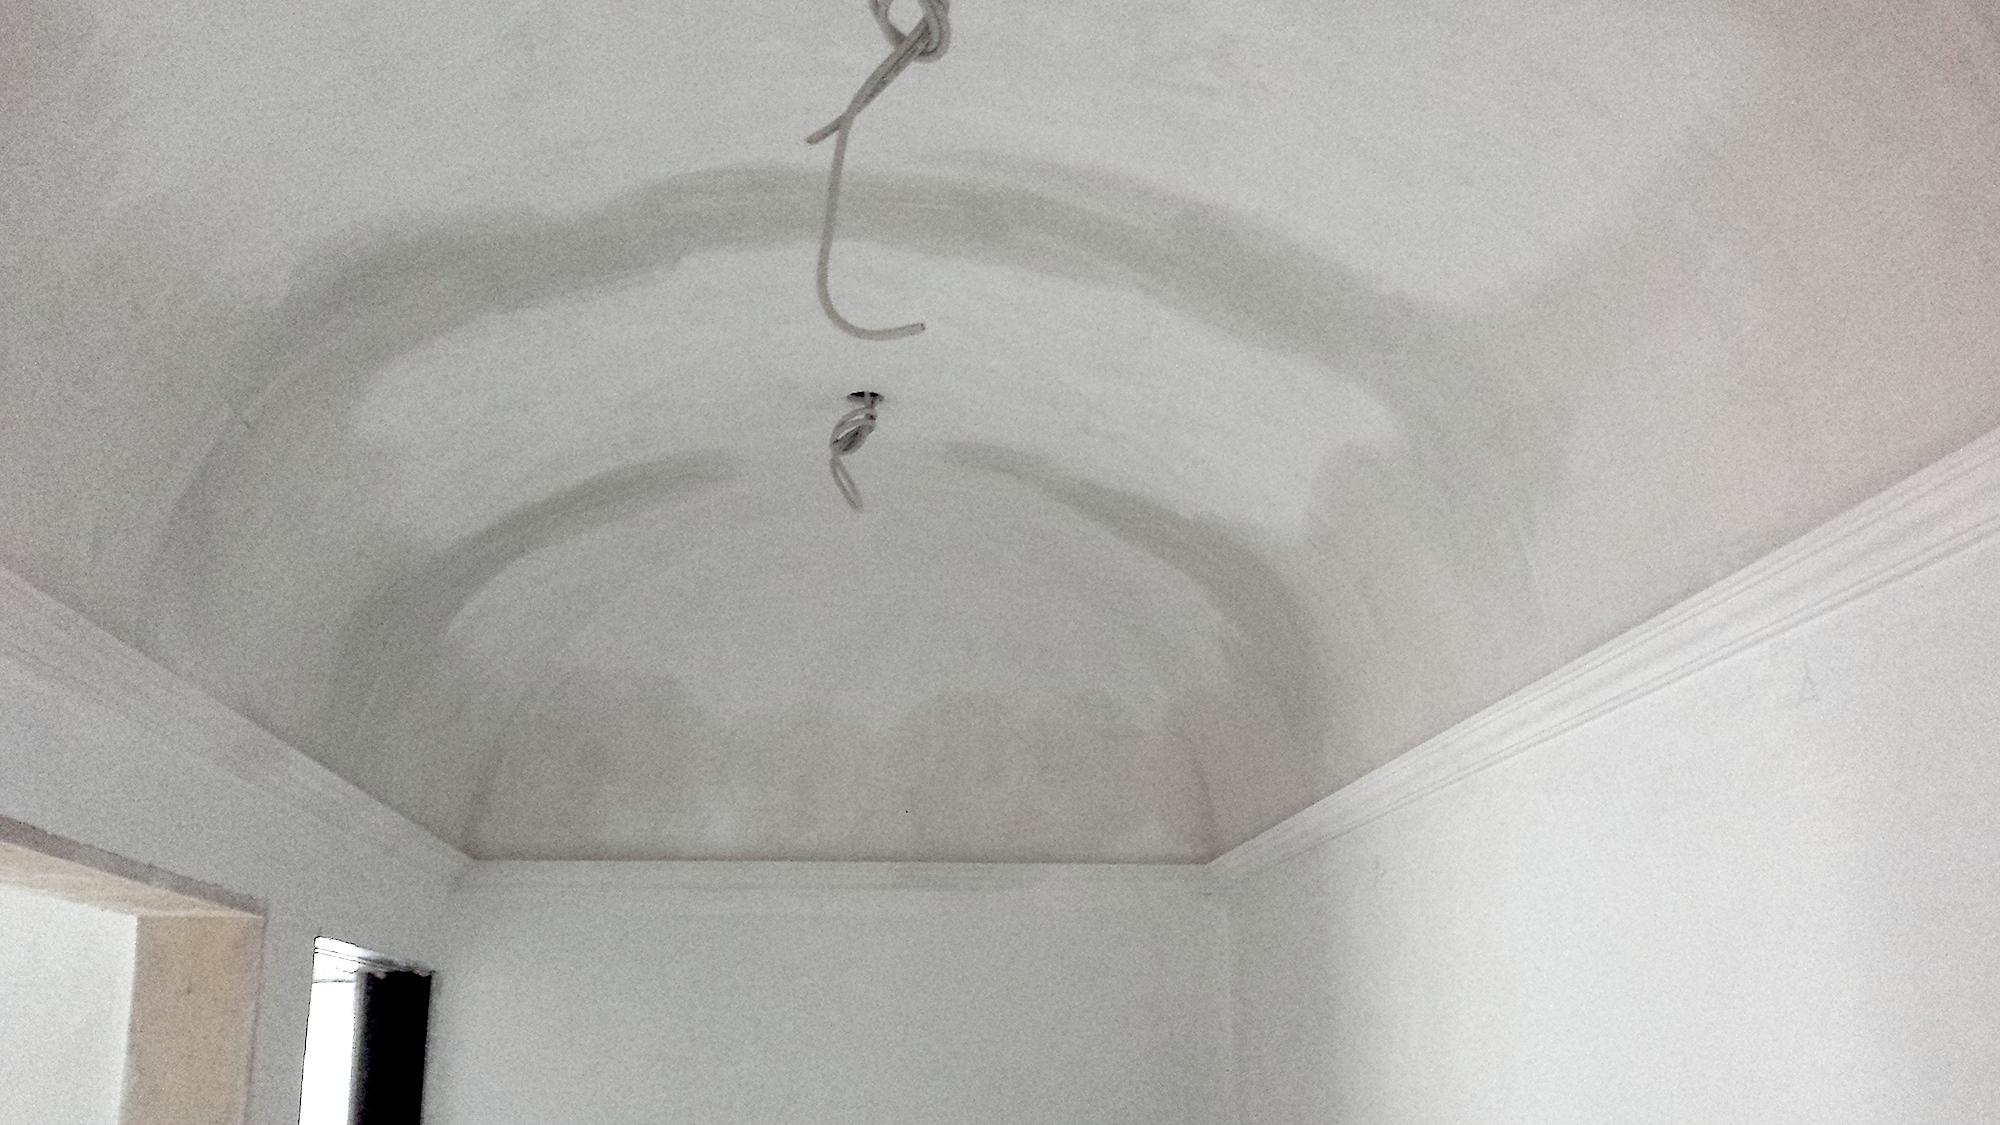 Soffitti A Volta Decorazioni : Decorazione soffitto youtube